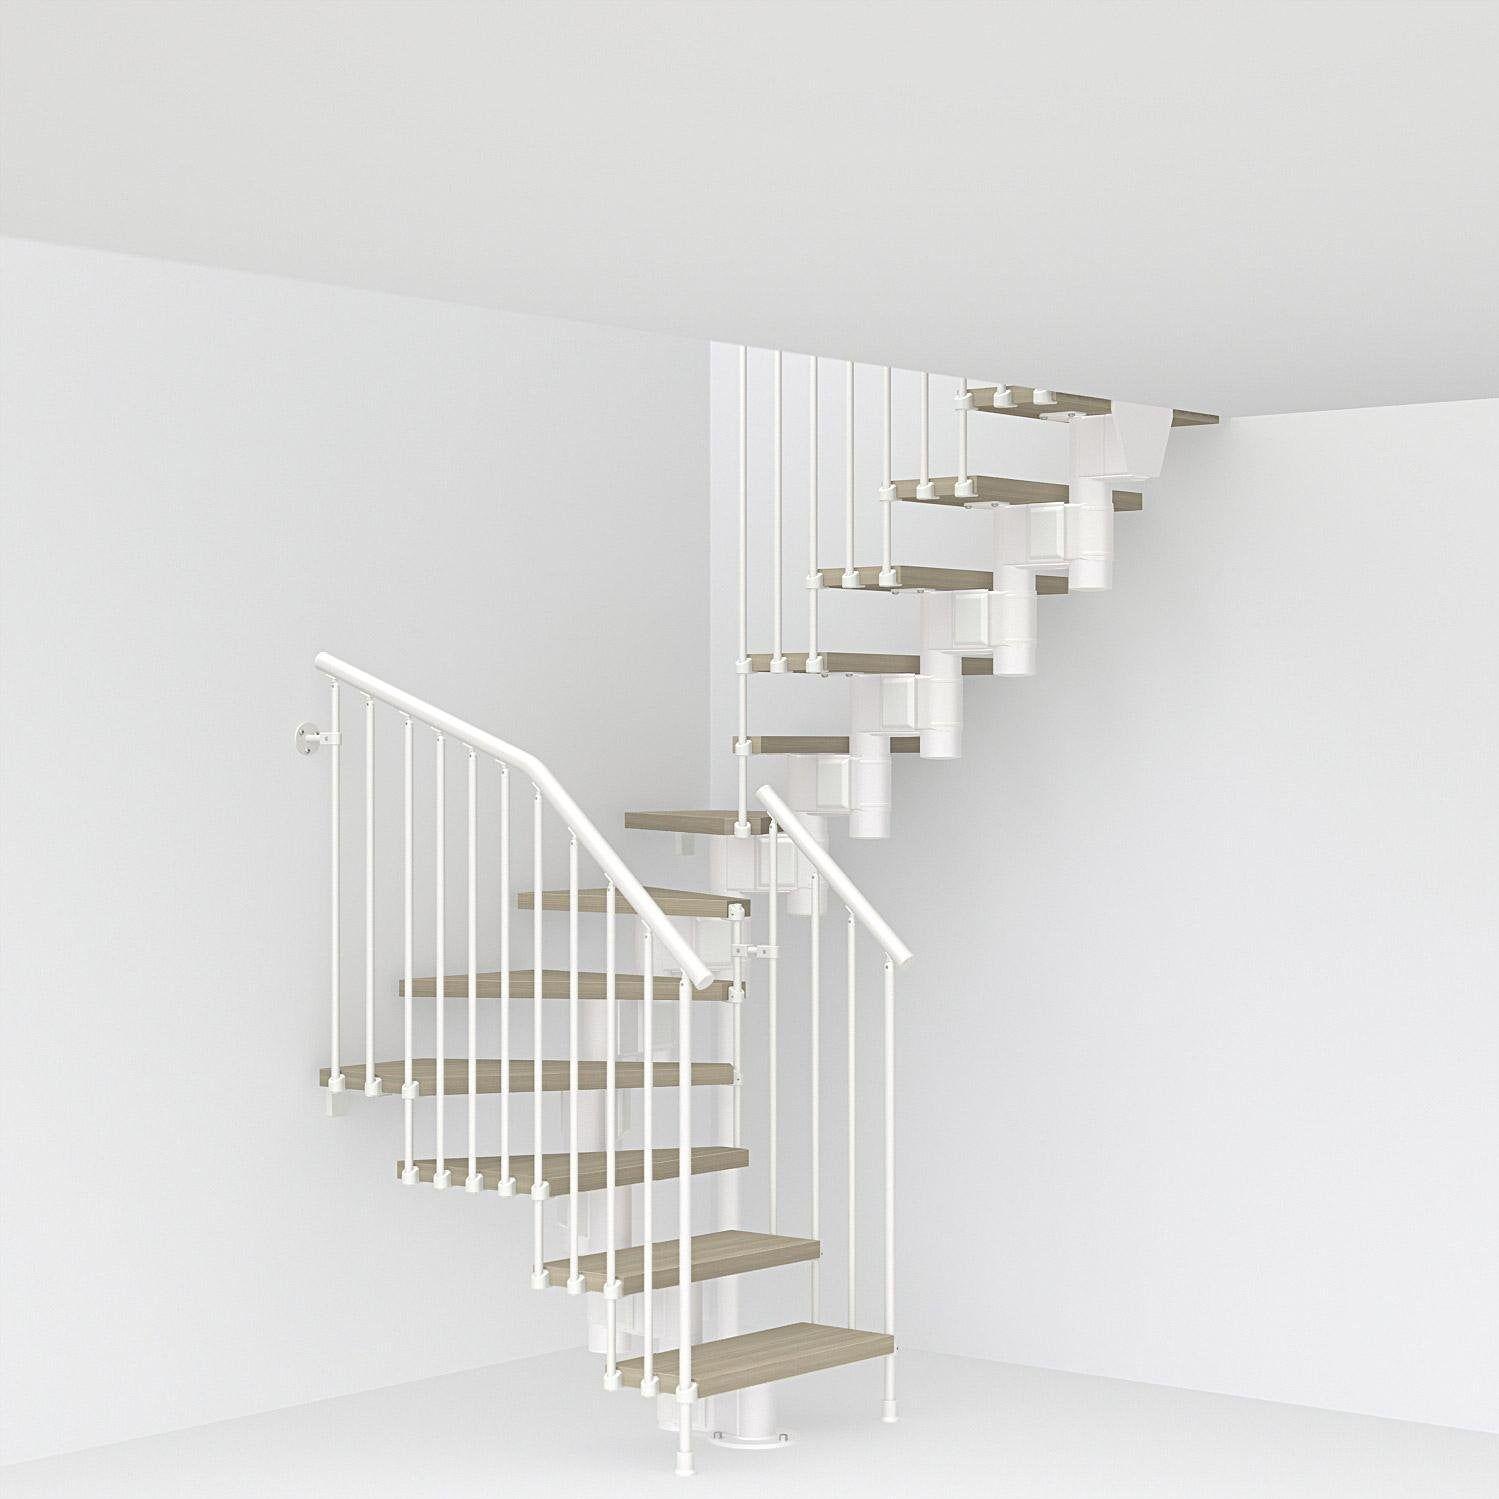 Escalier 2 4 Tournant Revers Acier Blanc Long 12 Mar Orme Clair